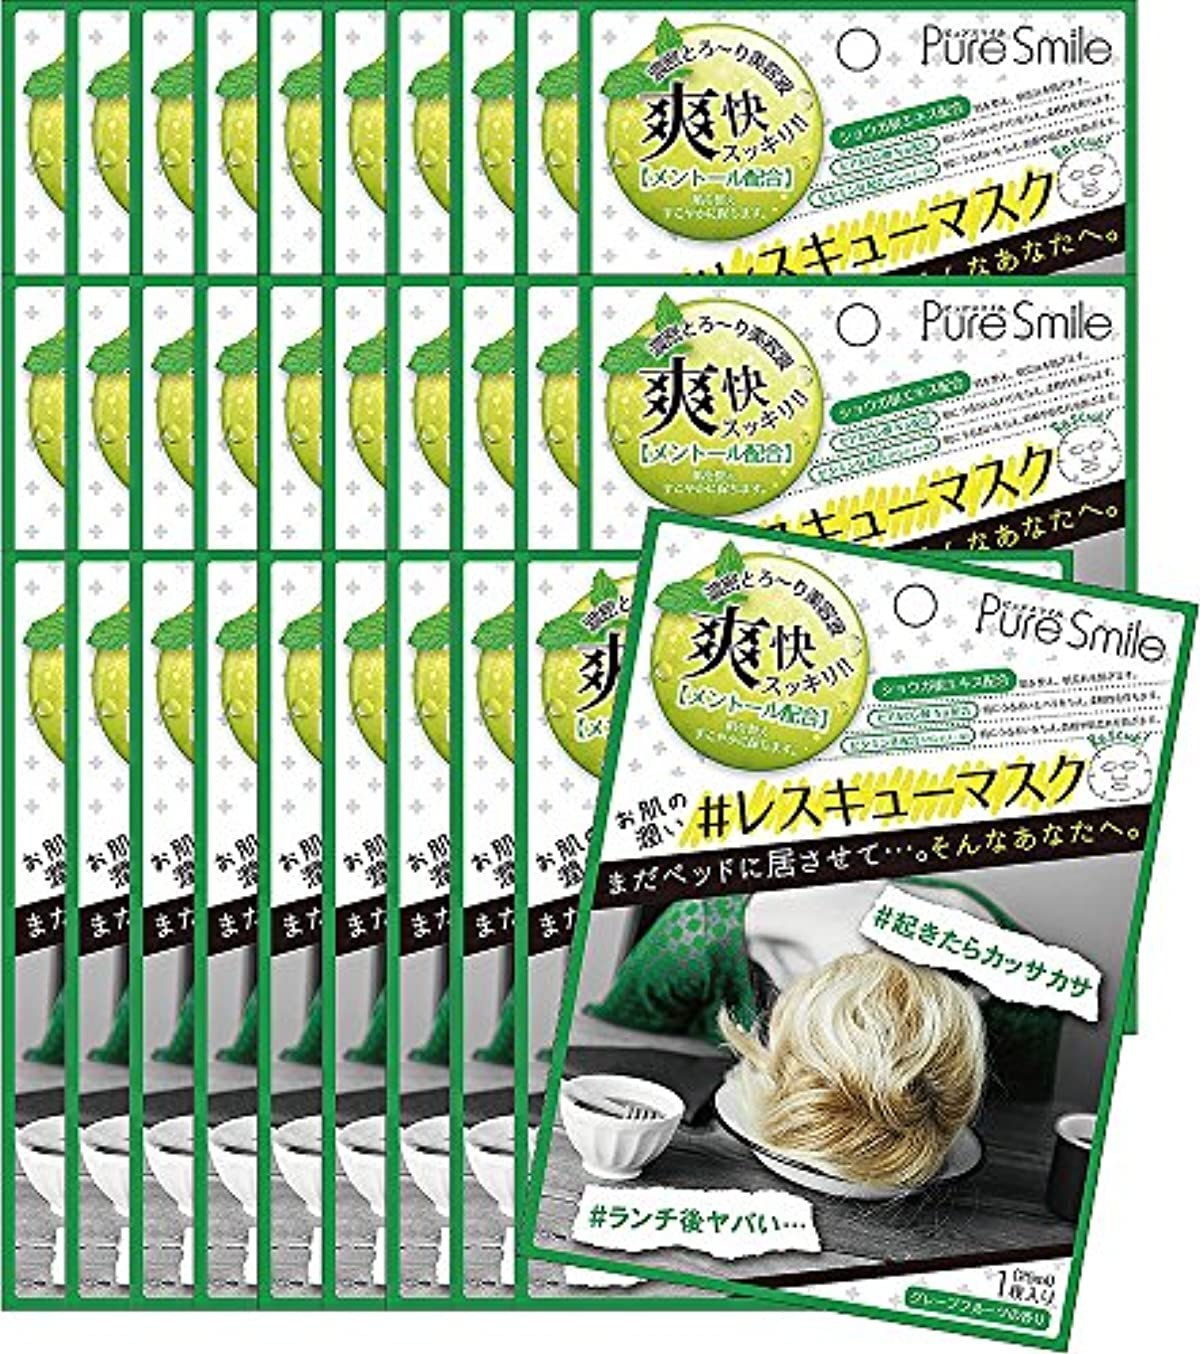 ホテル純粋な透けるピュアスマイル 『レスキューマスク』【寝不足/ショウガでレスキュー(グレープフルーツの香り)メントール配合】30枚セット